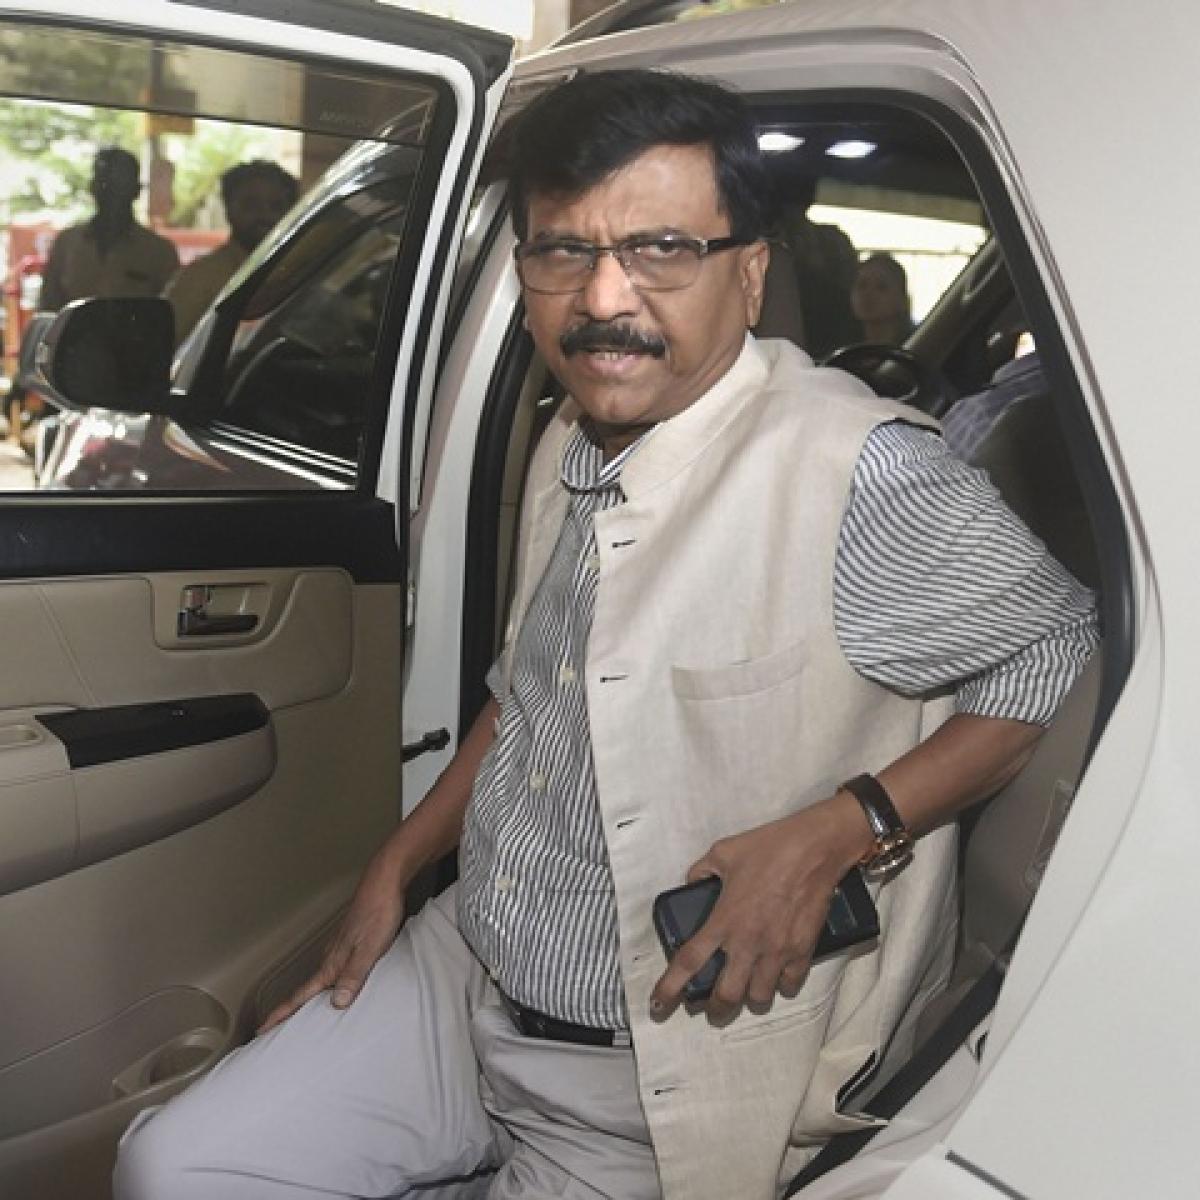 'Aao fir se diya jalaye': Sanjay Raut tweets Atal Bihari Vajpayee's poetry amid Maharashtra impasse